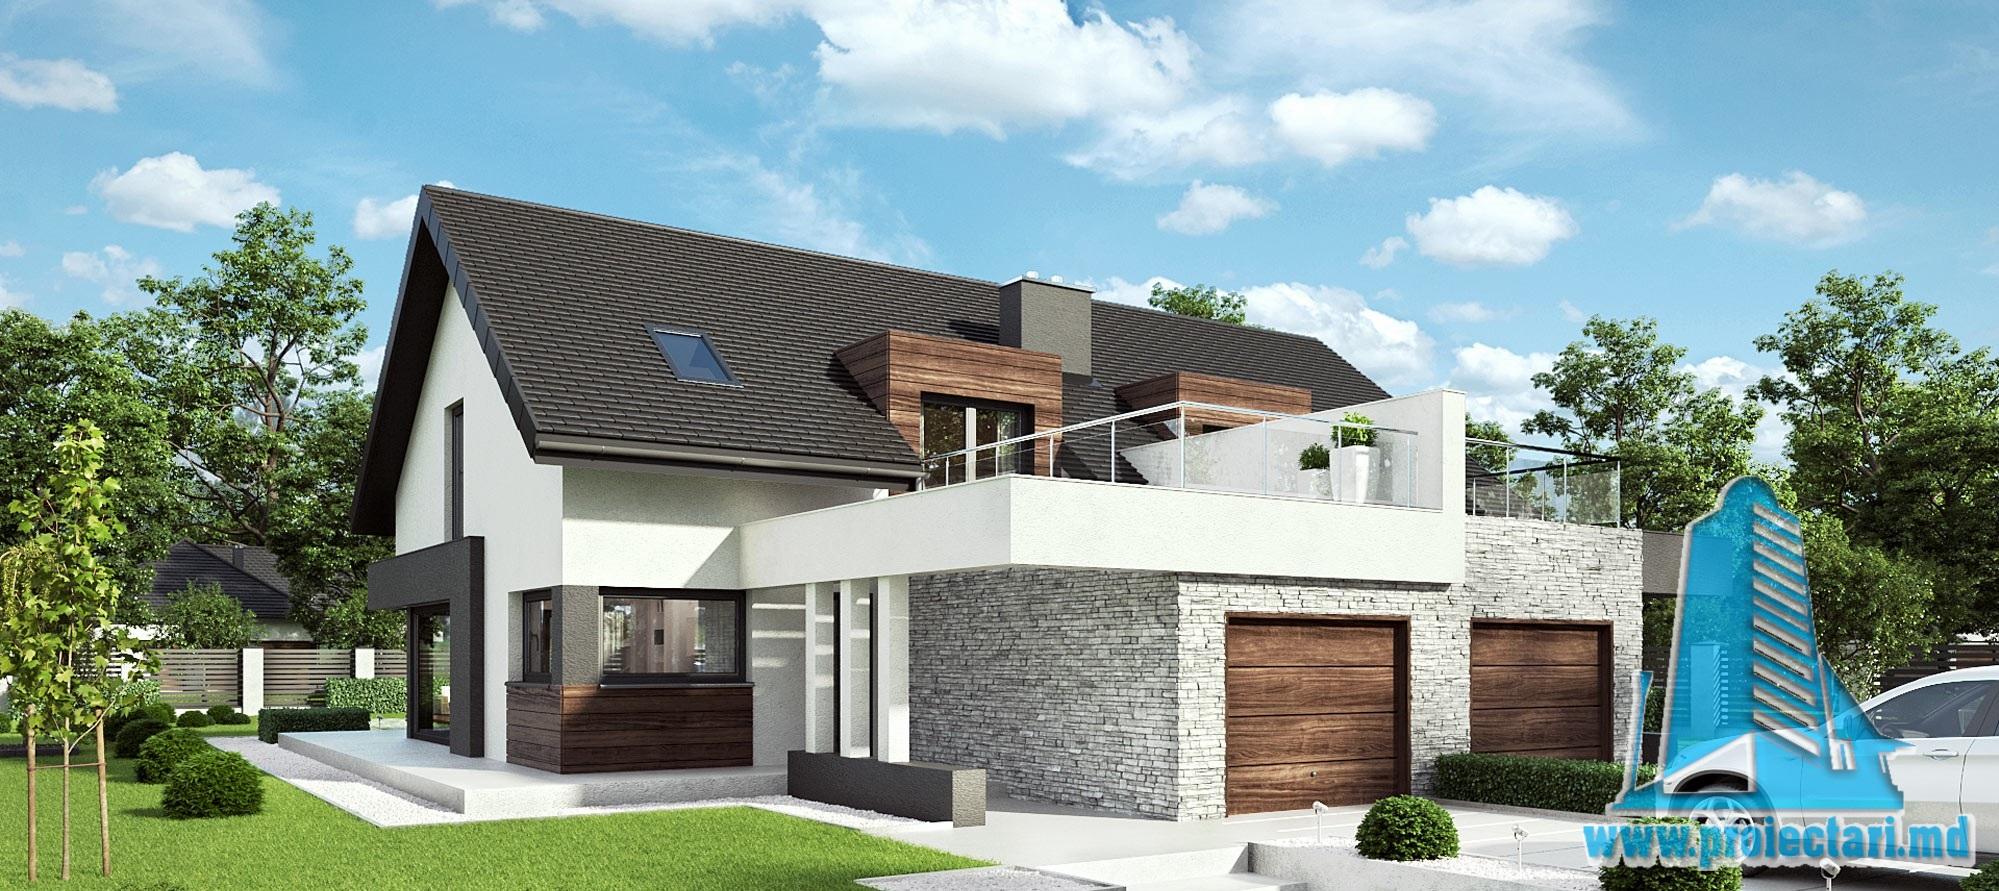 Casa duplex cu parter, mansarda si garaj pentru un automobil-126-101036